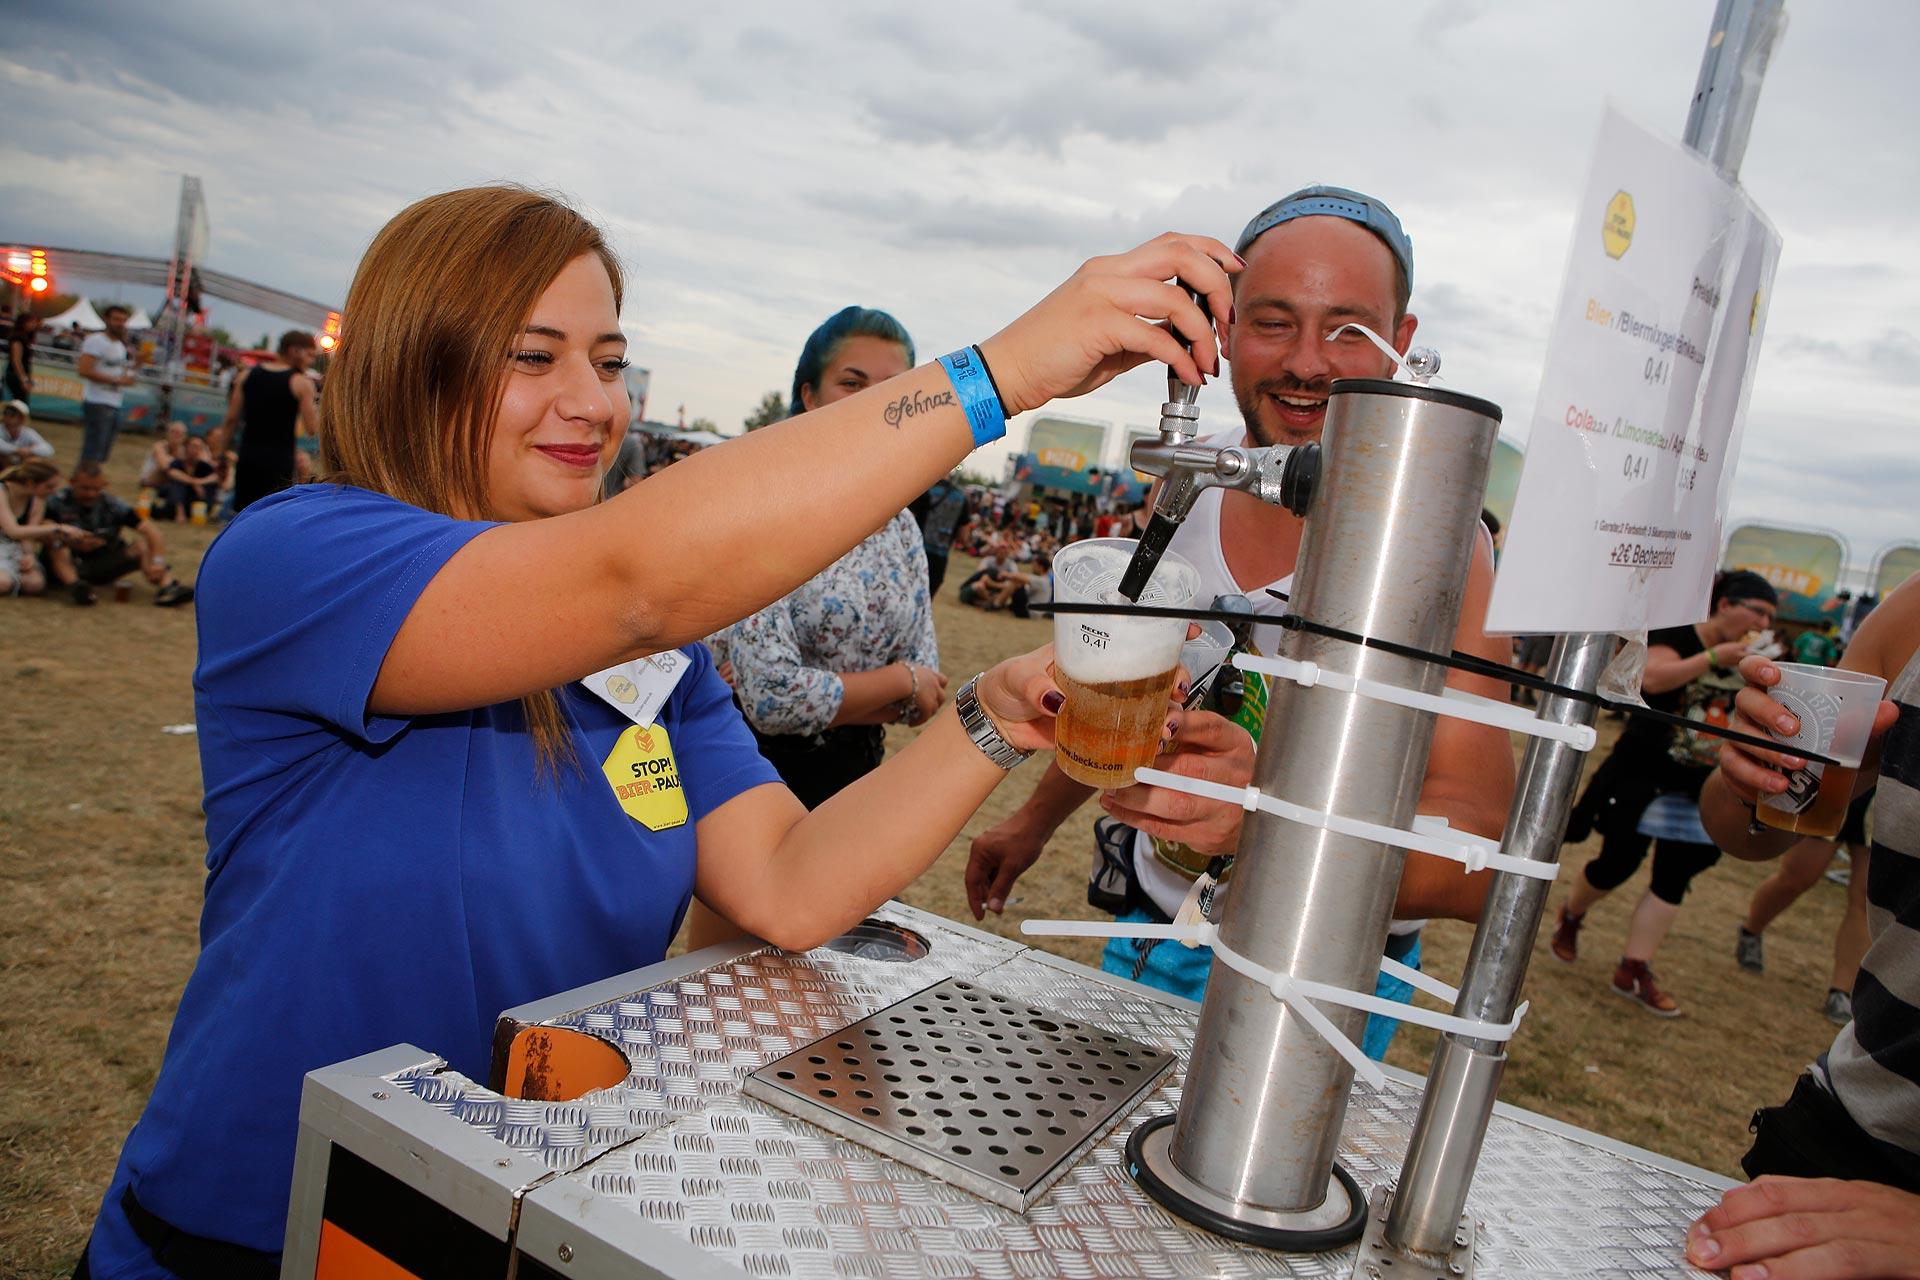 Bier zapfen im Akkord müssen Grafs Leute auf dem Festival.